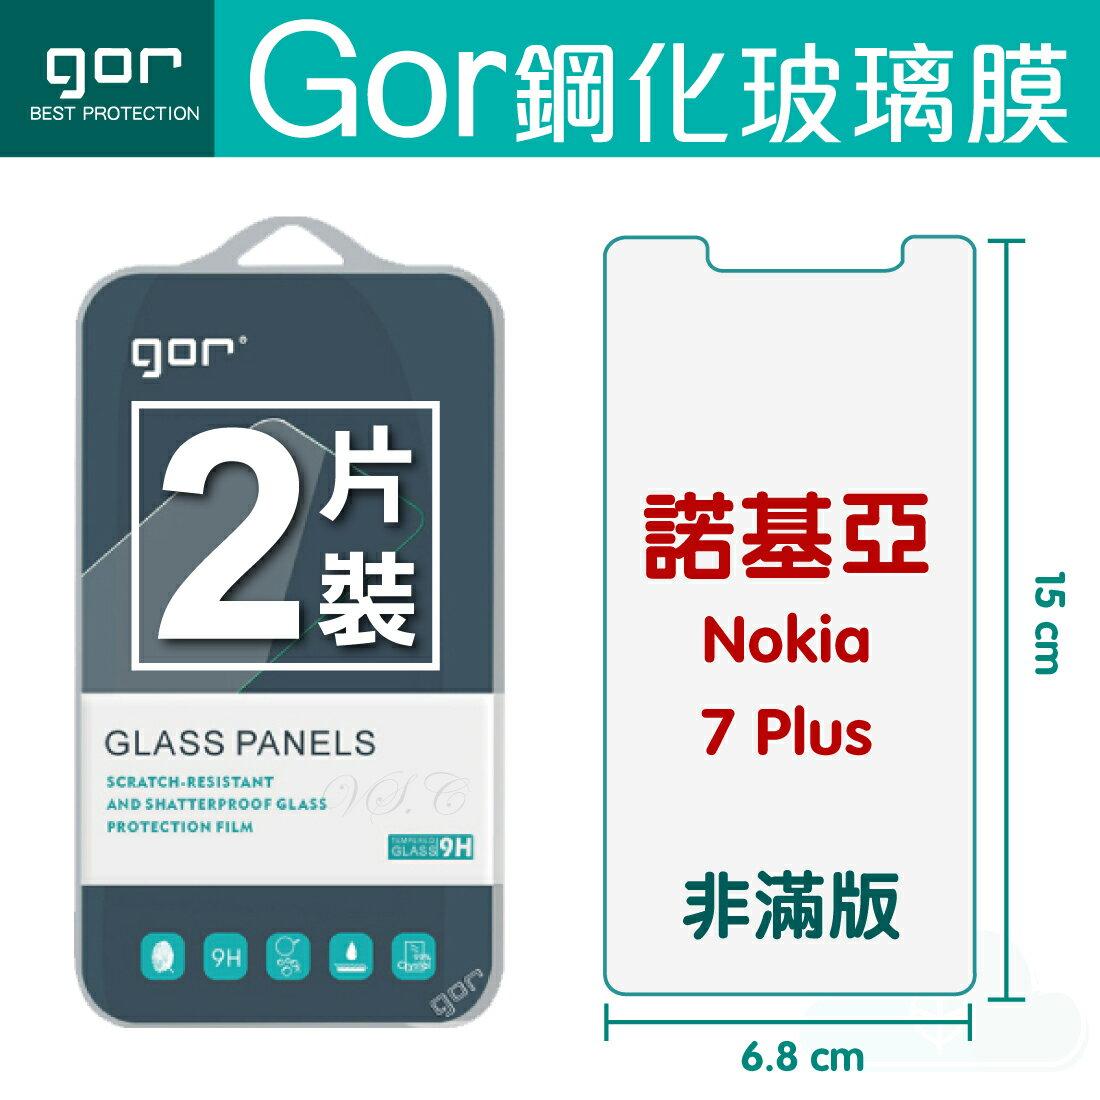 【NOKIA】GOR 9H Nokia 7 Plus 鋼化 玻璃 保護貼 全透明非滿版 兩片裝 【全館滿299免運費】